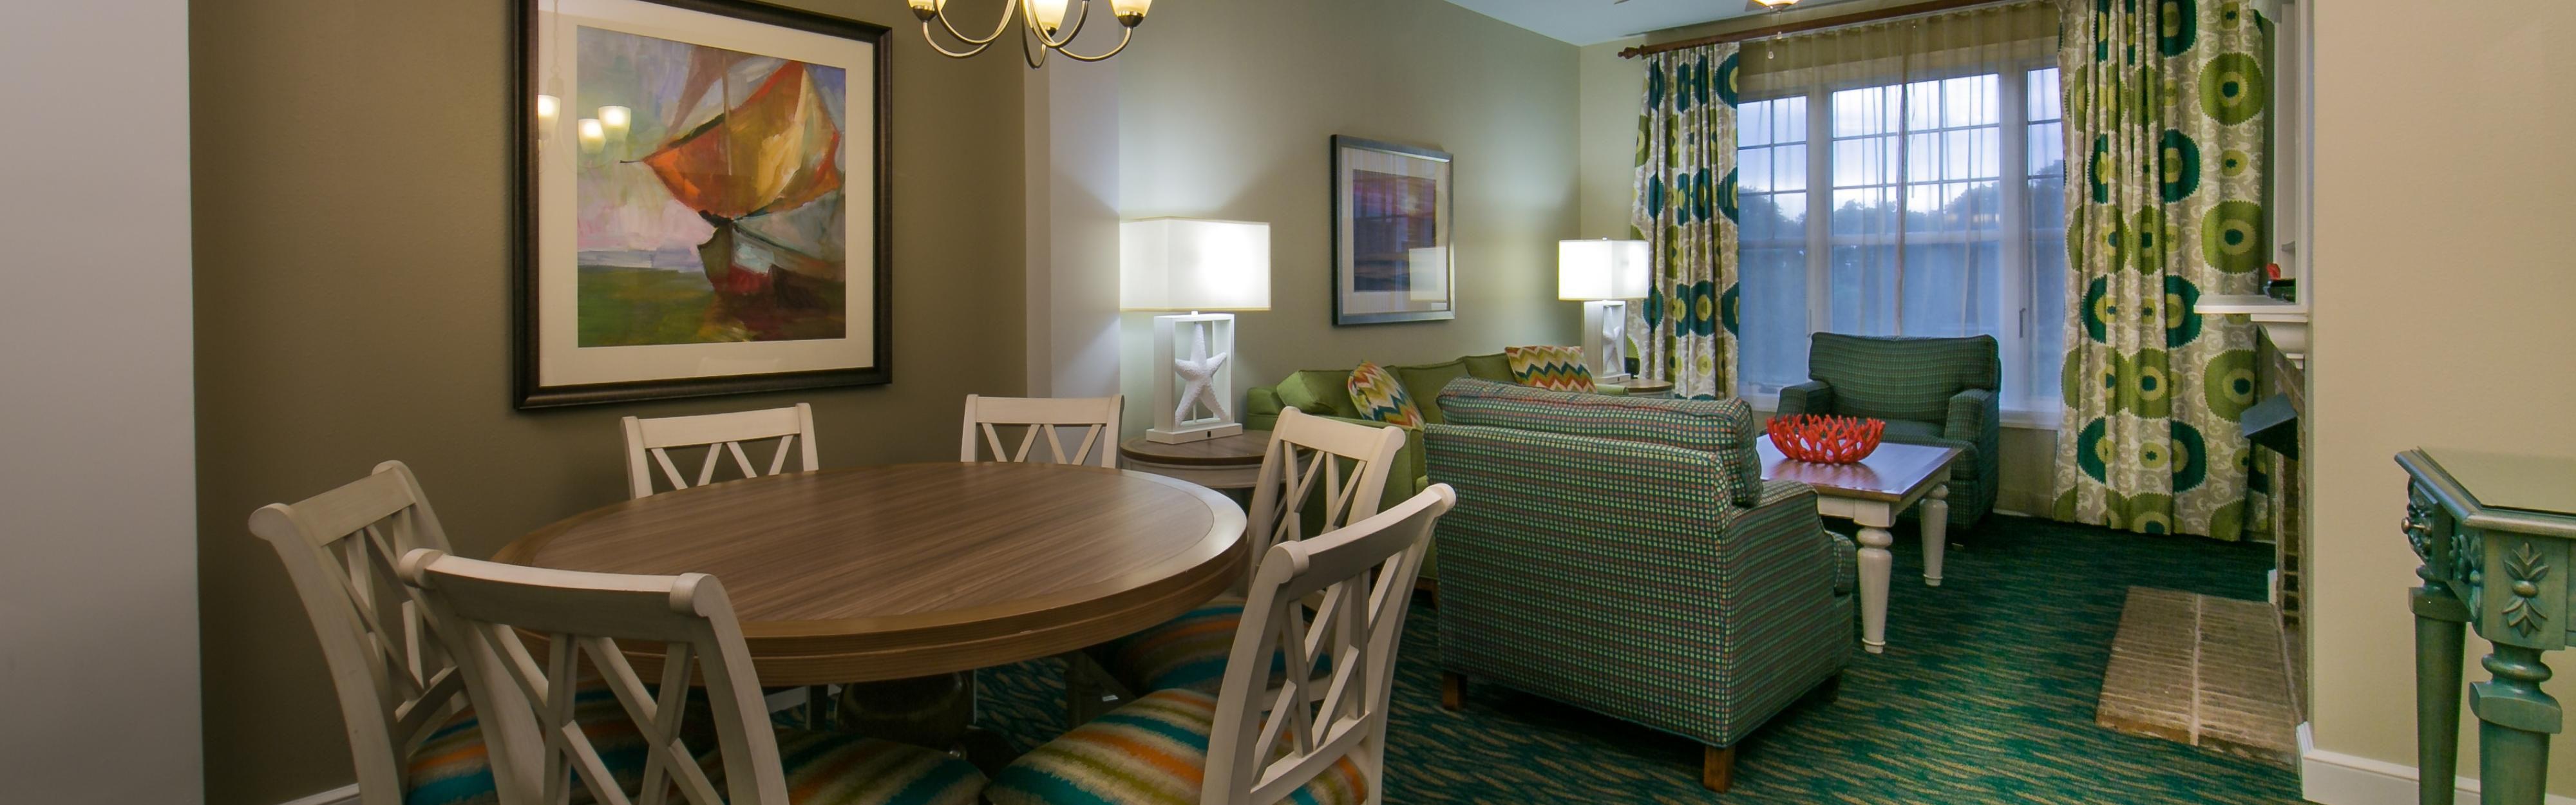 Holiday Inn Club Vacations Myrtle Beach-South Beach Hotel by IHG